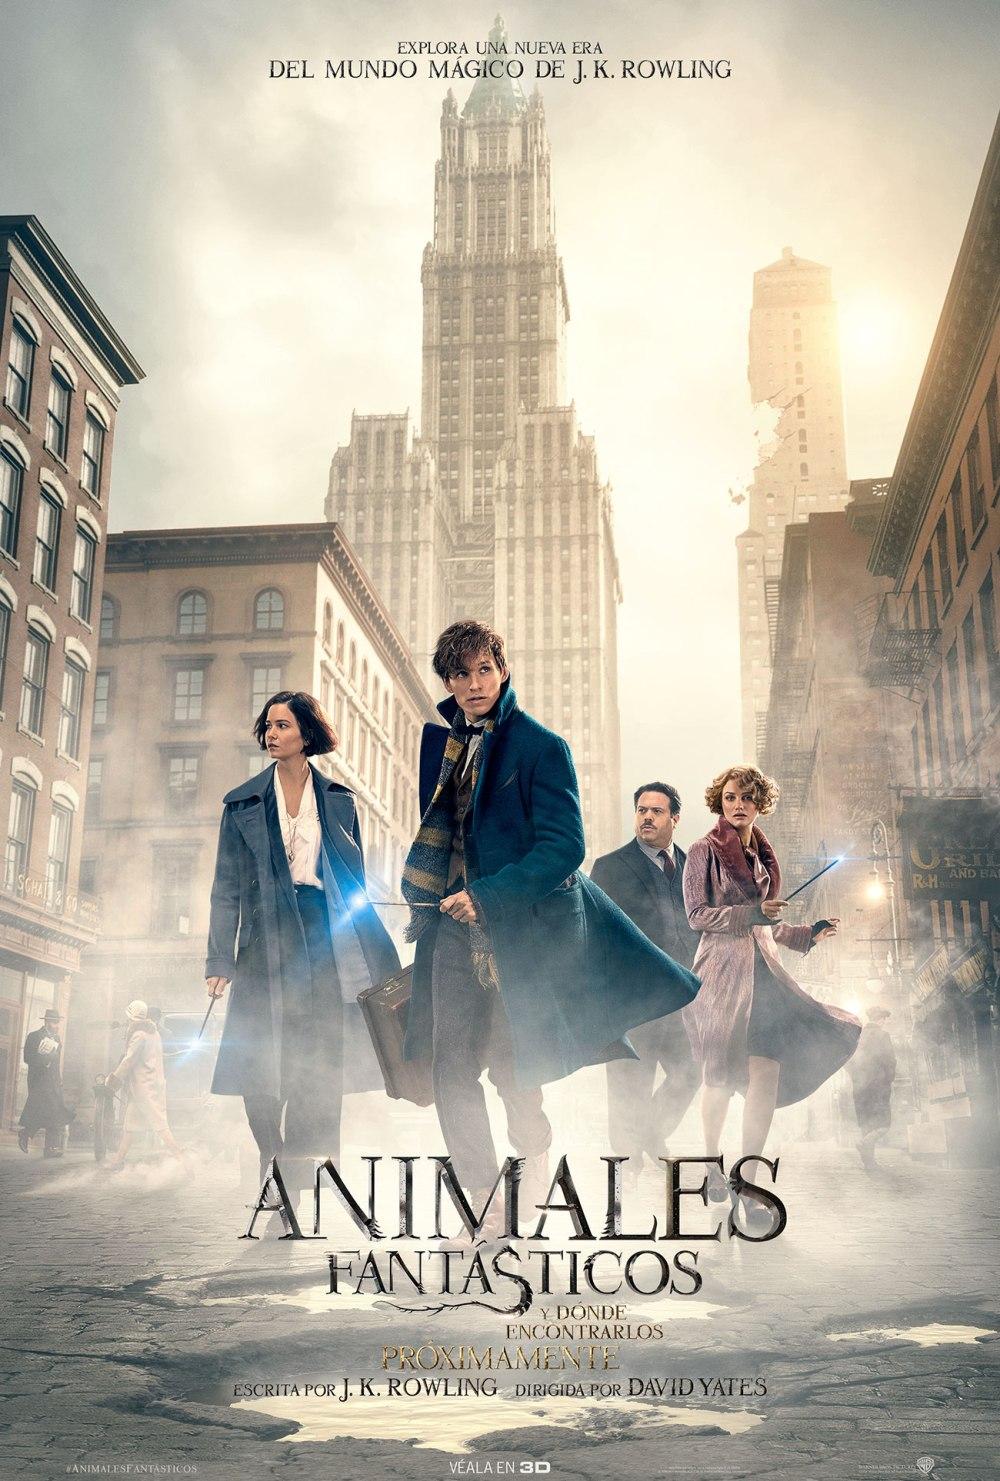 fantastic-beasts-poster-final-latino